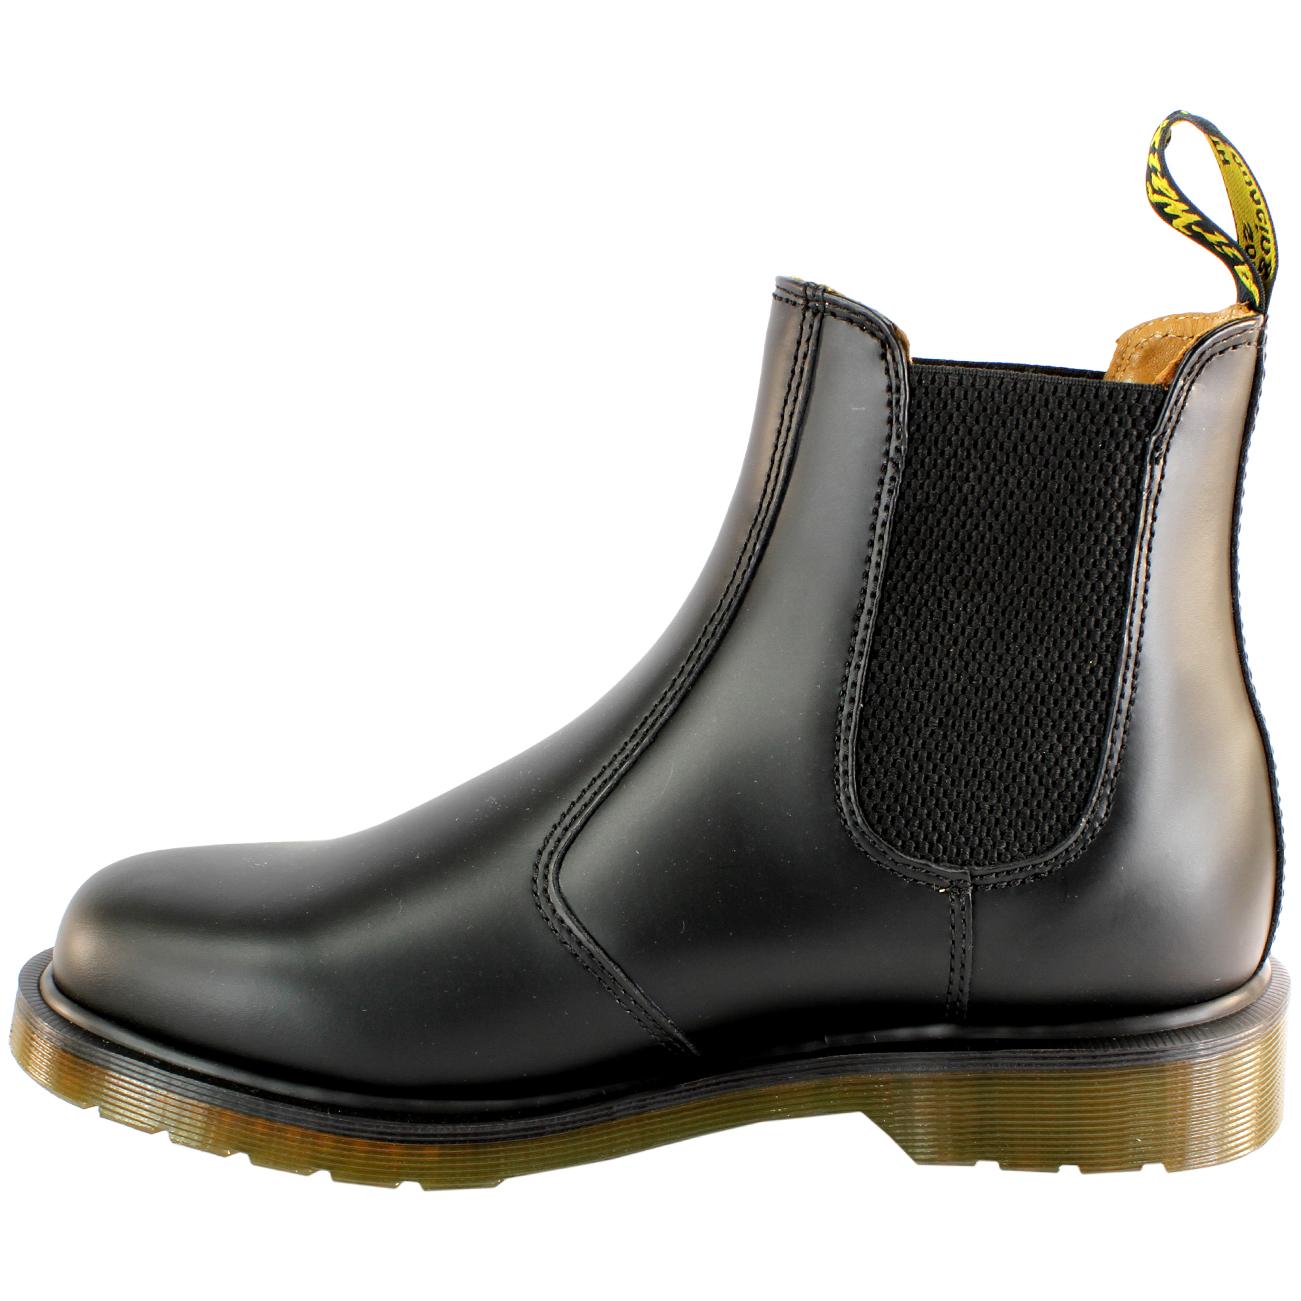 scarpe da ginnastica a buon mercato 2d944 ef6a5 stivaletti dr martens chelsea